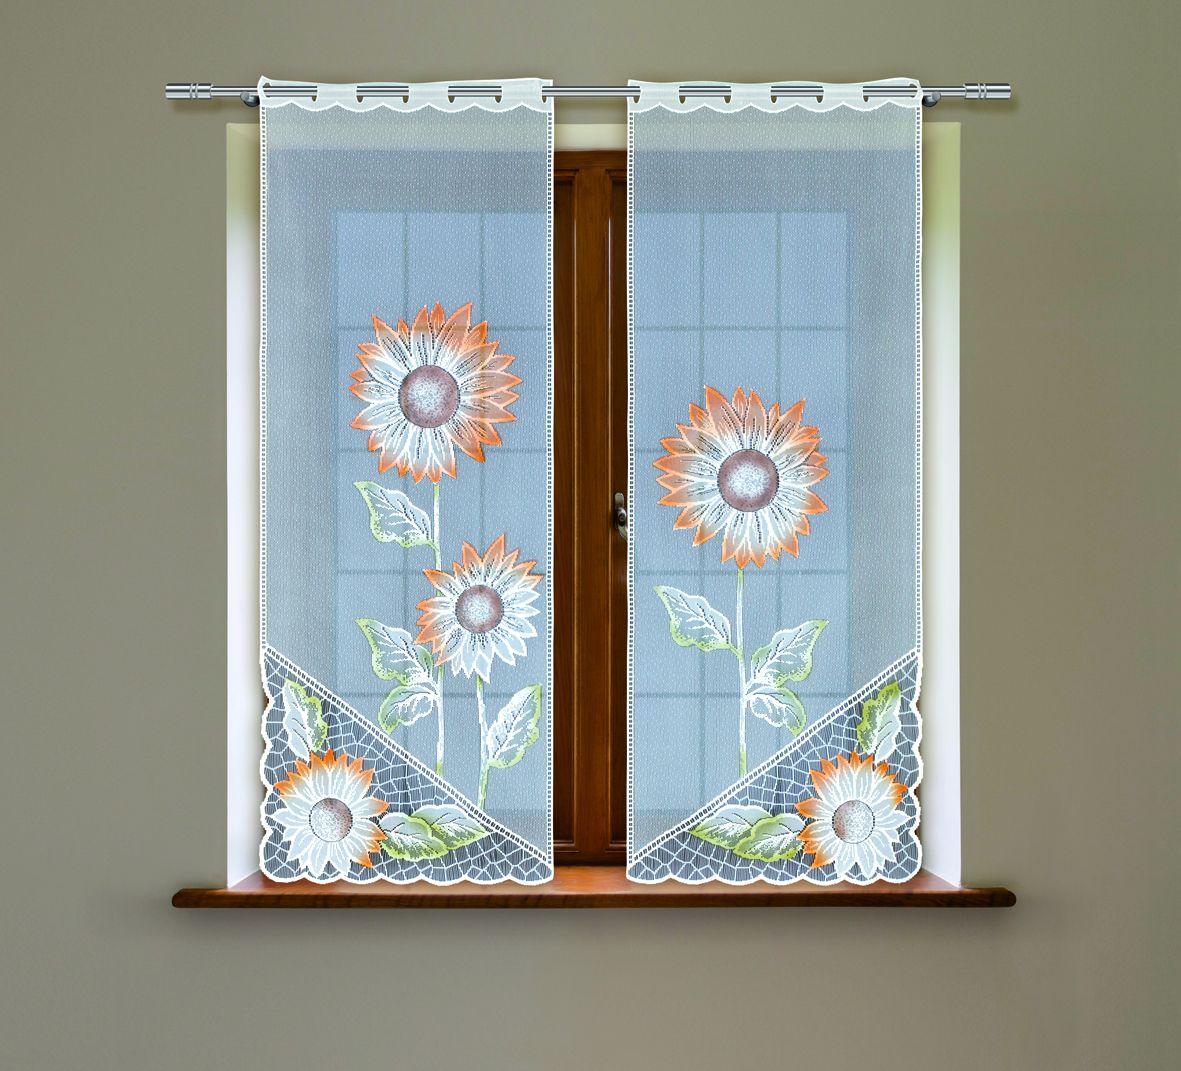 Комплект гардин Haft, на петлях, цвет: белый, высота 160 см, 2 шт. 5050С5050С/60Воздушные гардины Haft великолепно украсят любое окно. Комплект состоит из двух гардин, выполненных из полиэстера. Изделие имеет оригинальный дизайн и органично впишется в интерьер помещения. Комплект крепится на карниз при помощи петель.